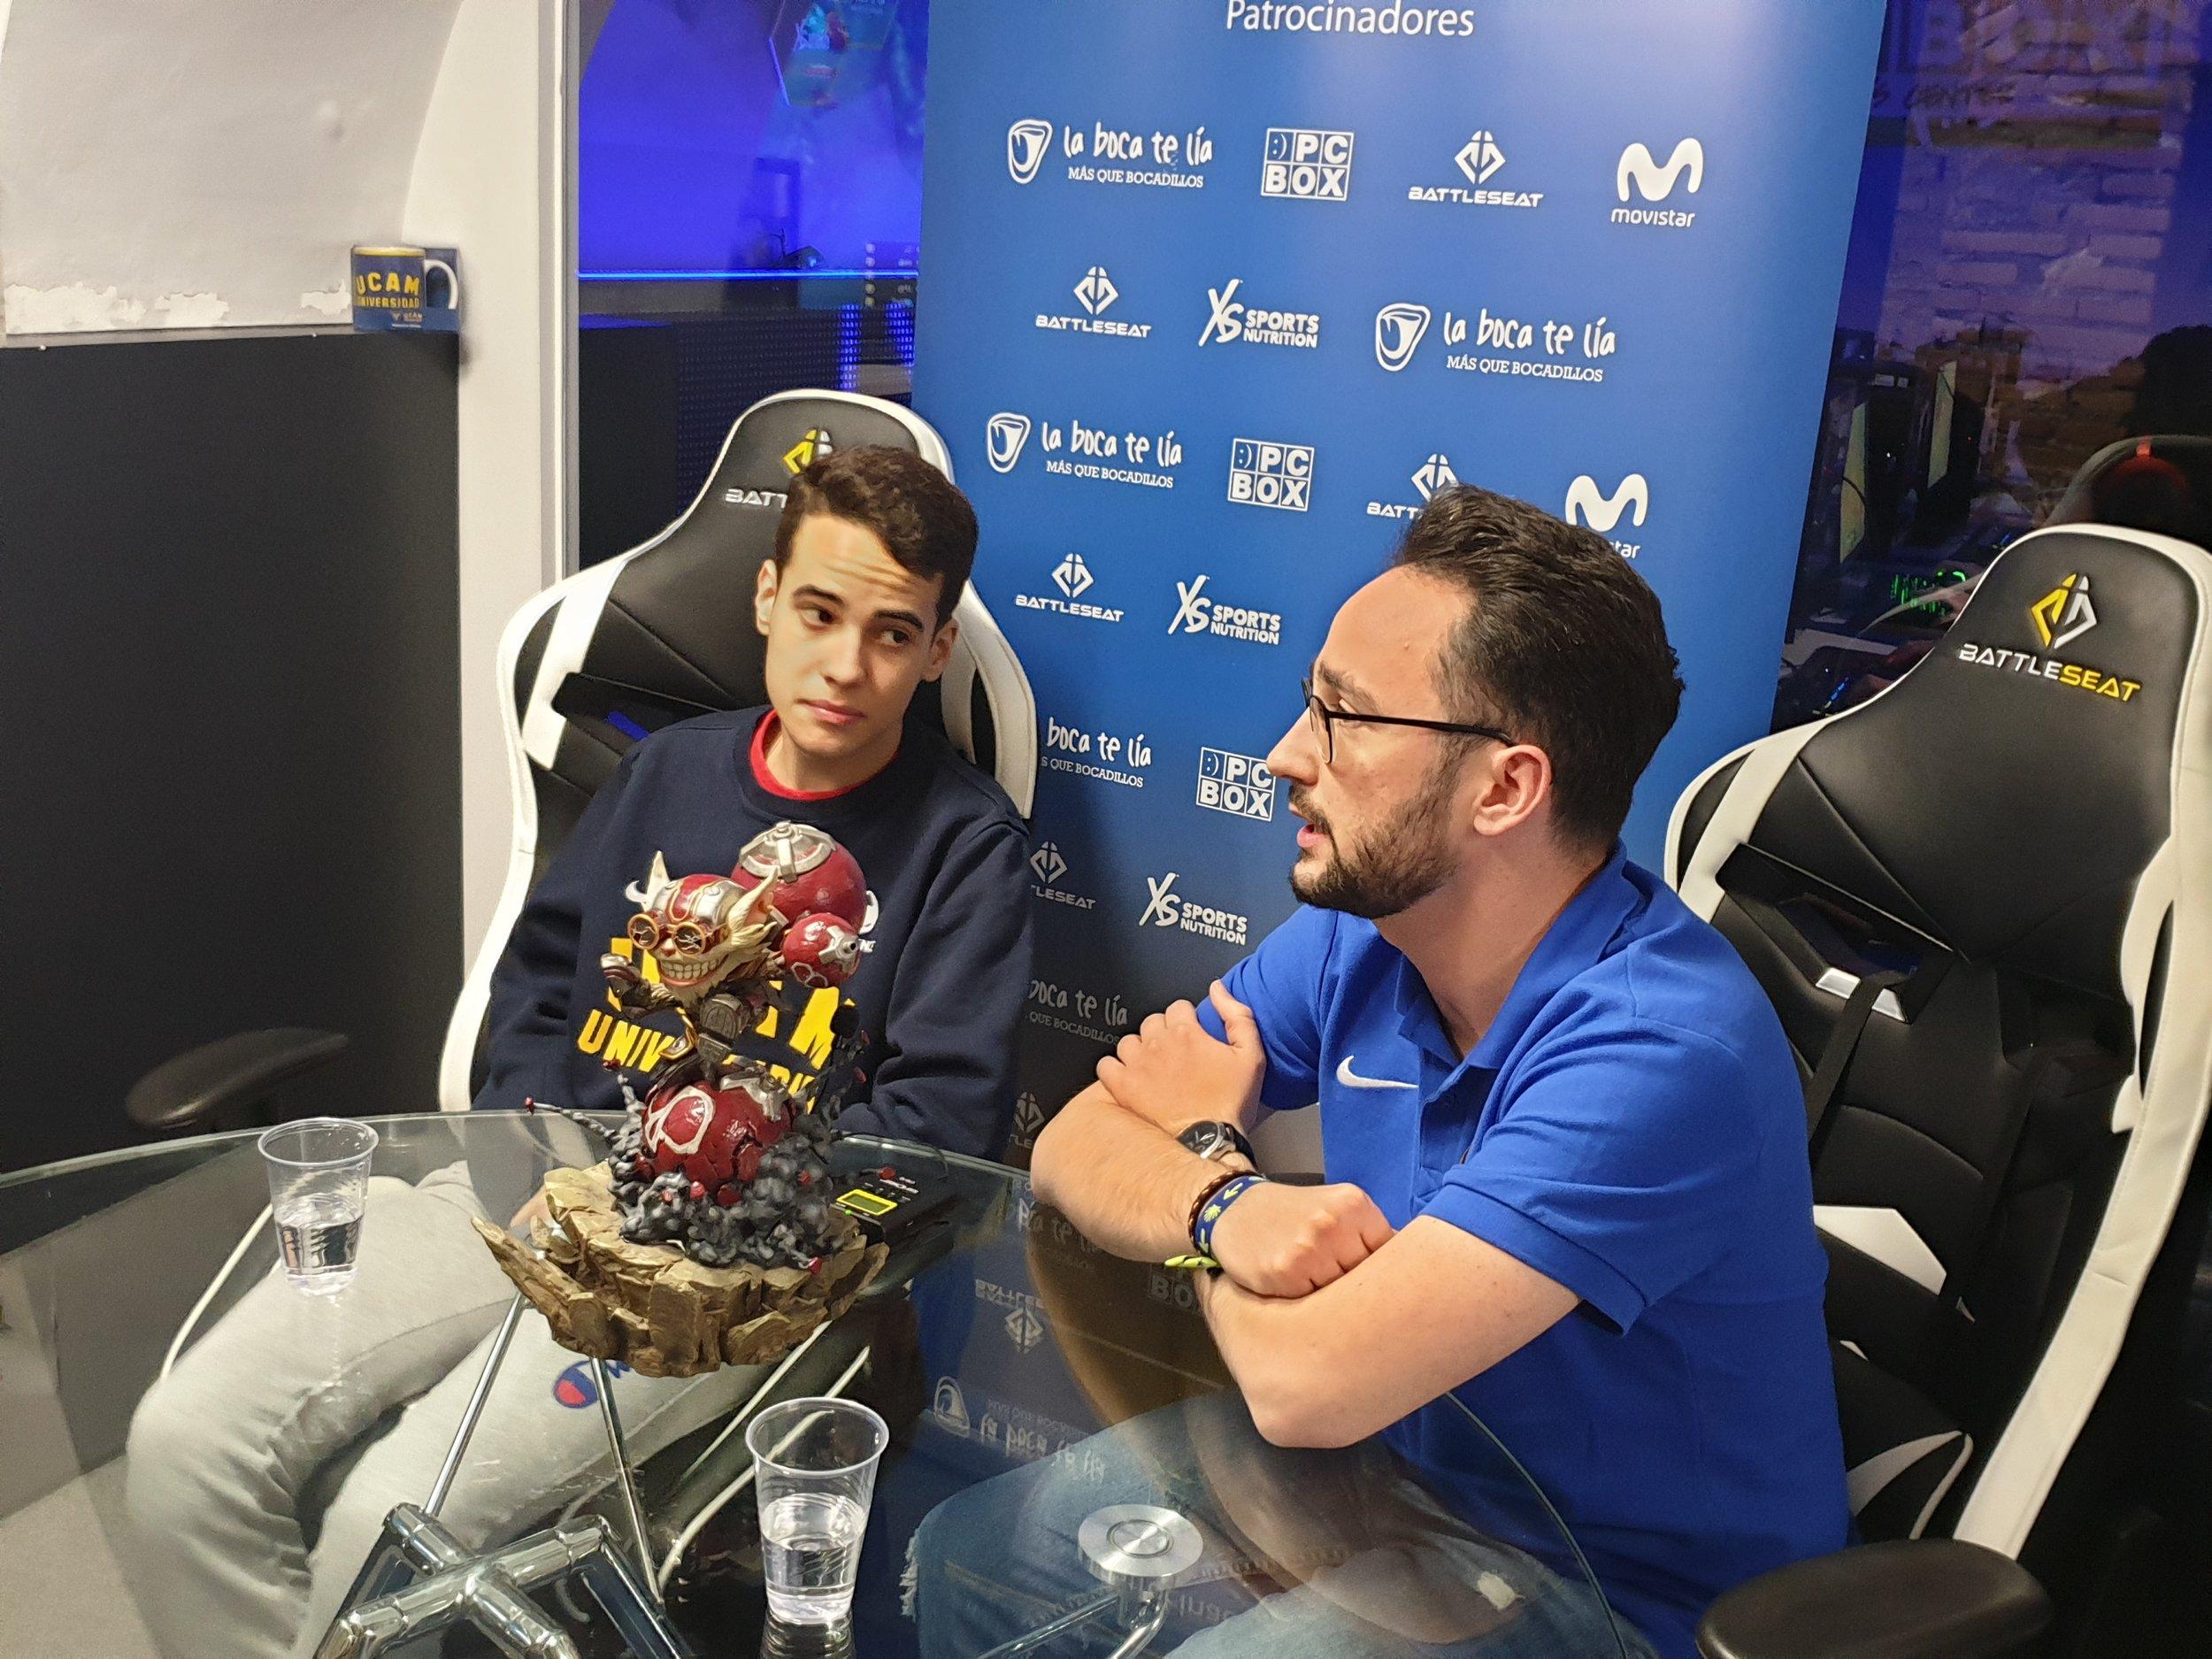 """Fotografía: Javier Amorós García - En la foto: A la izquierda Luís Pérez (koldo), a la derecha Mario Martín (Legenmario), """"casteando"""" una partida de League of Legends."""